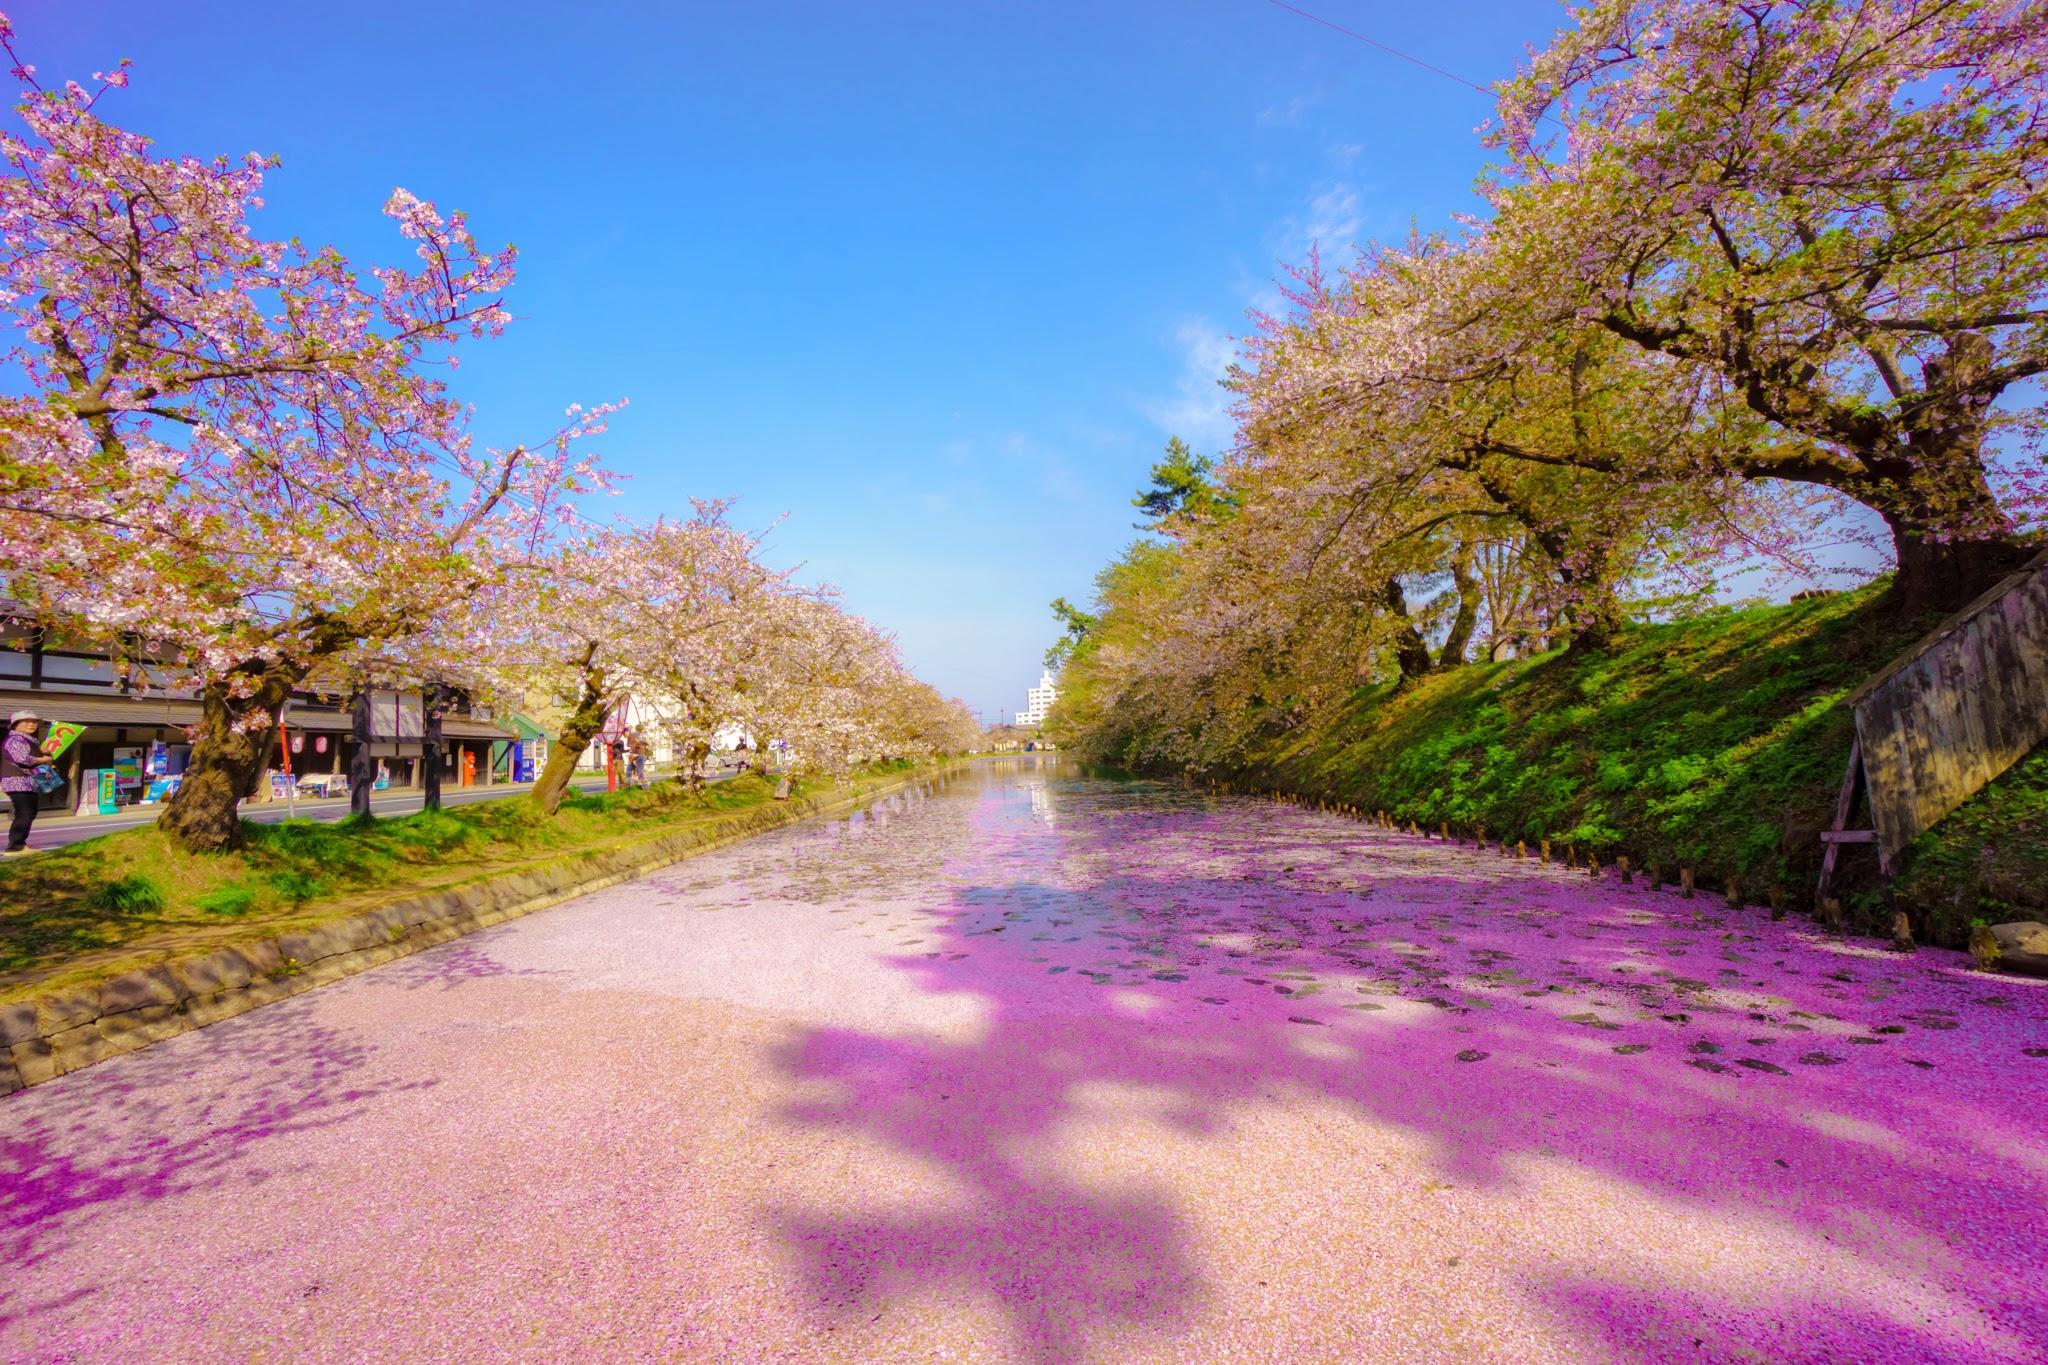 弘前公園 桜 アイキャッチ画像